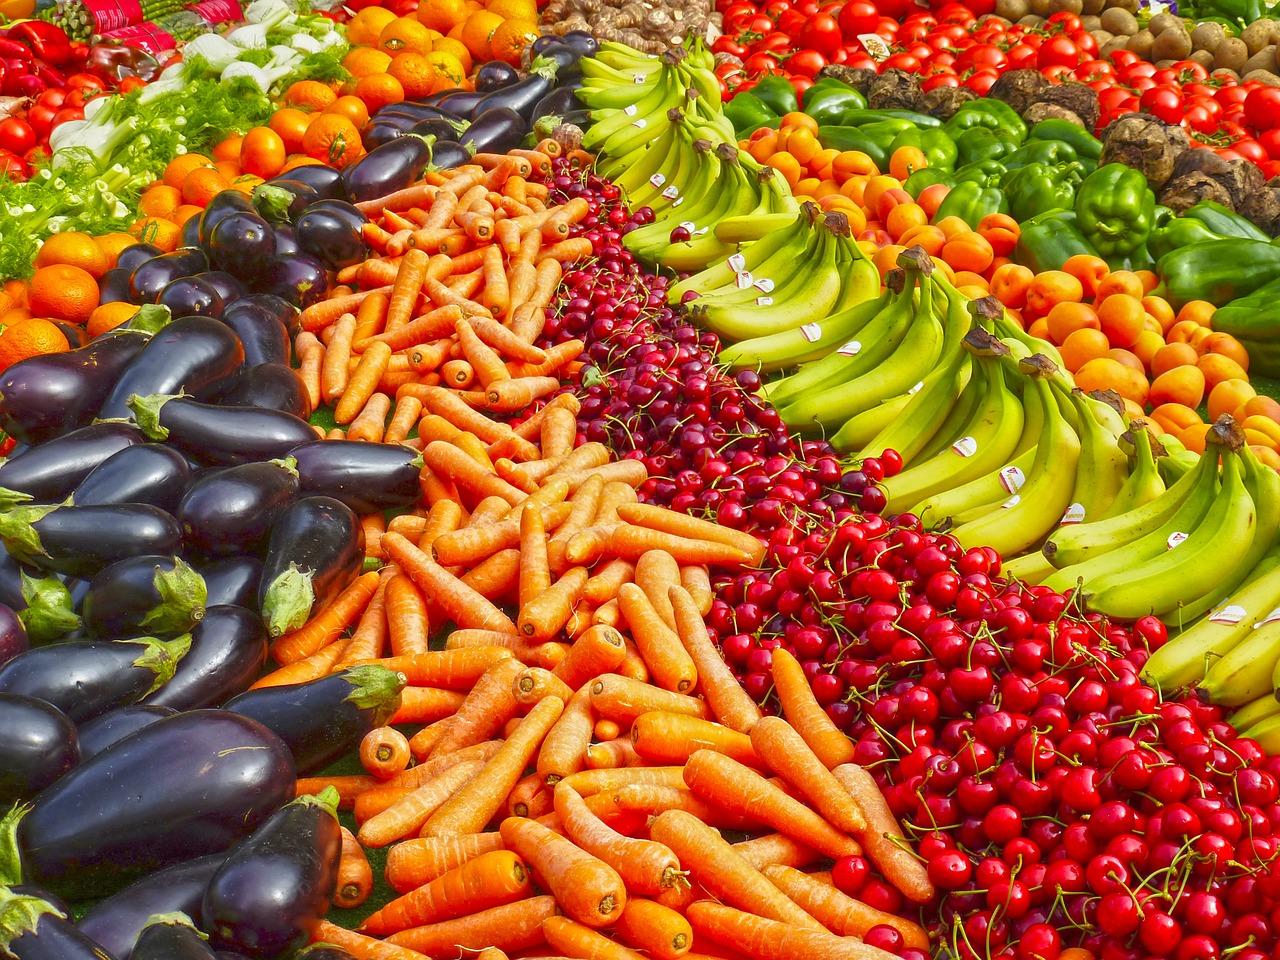 Mangiare Sano una guida all'alimentazione corretta